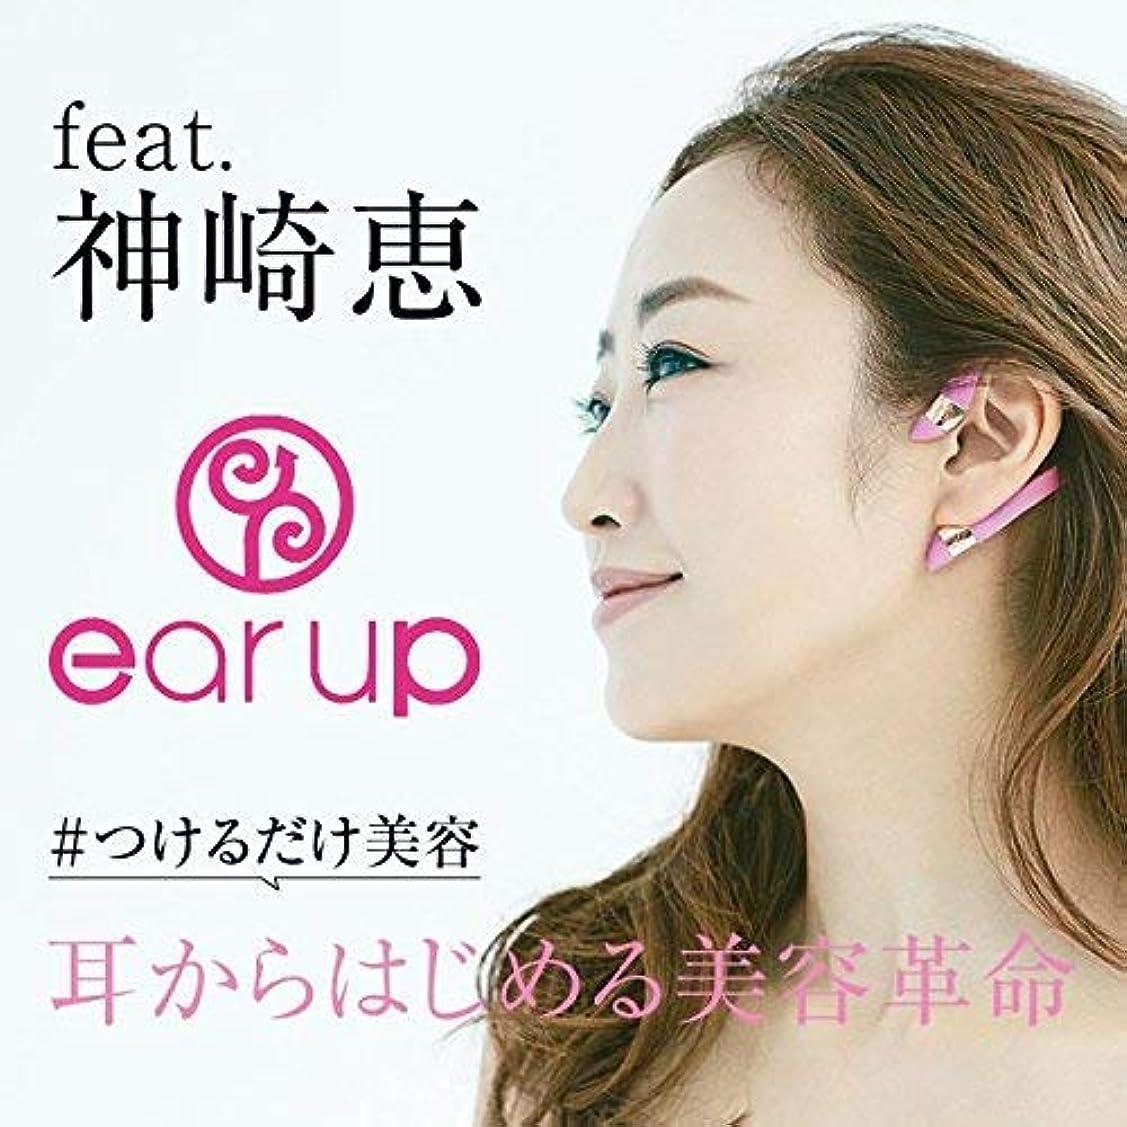 状態証拠現代エイベックスビューティーメソッド ear up イヤーアップ feat.神崎恵